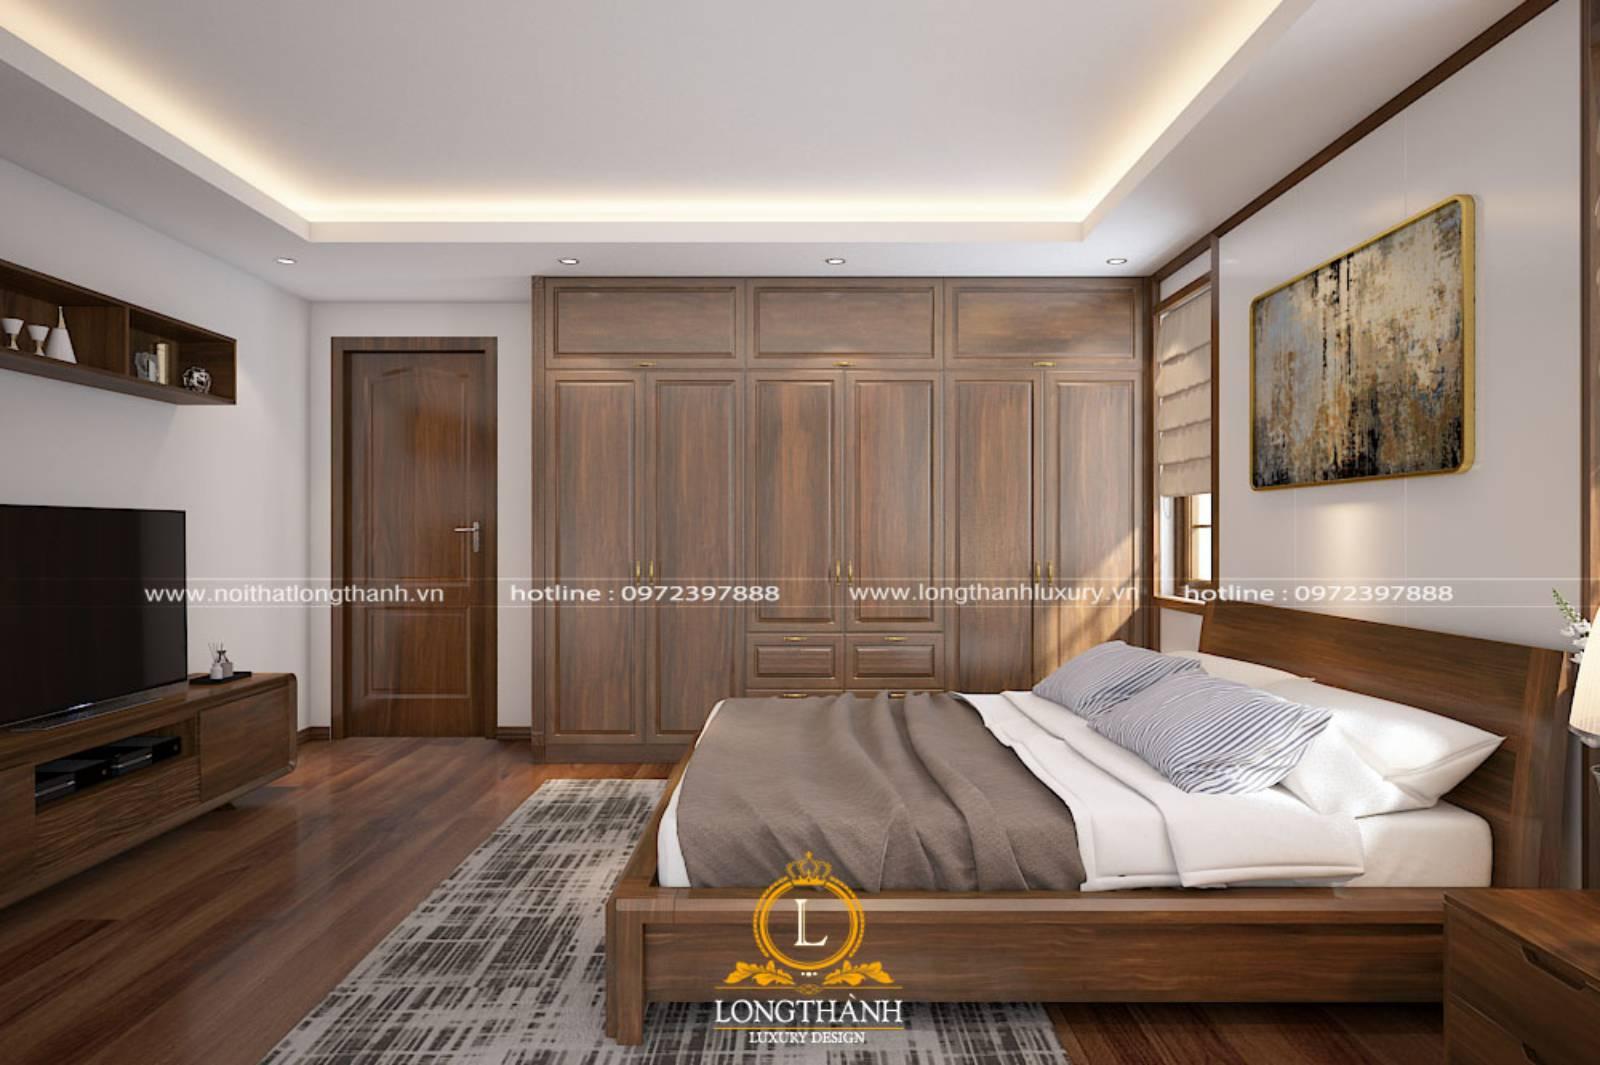 Cửa phòng ngủ gỗ tự nhiên với nhiều ưu điểm vượt trội